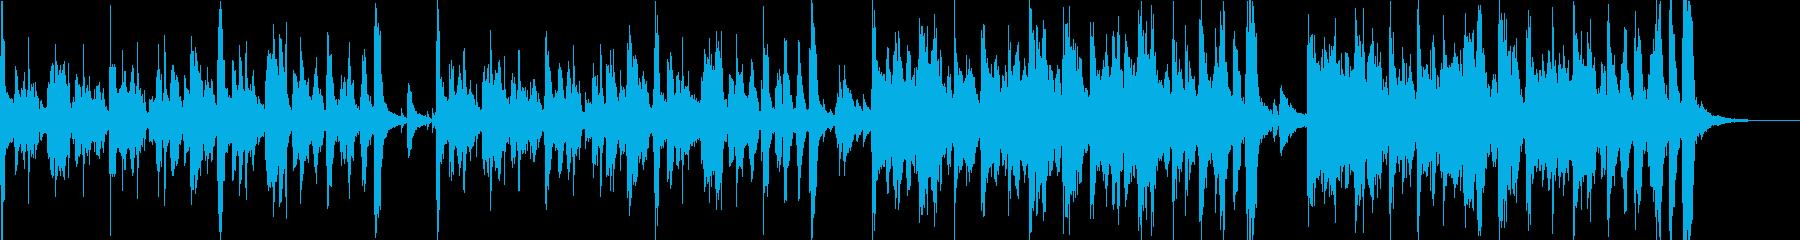 キングオブザナイトボールドアンドブ...の再生済みの波形